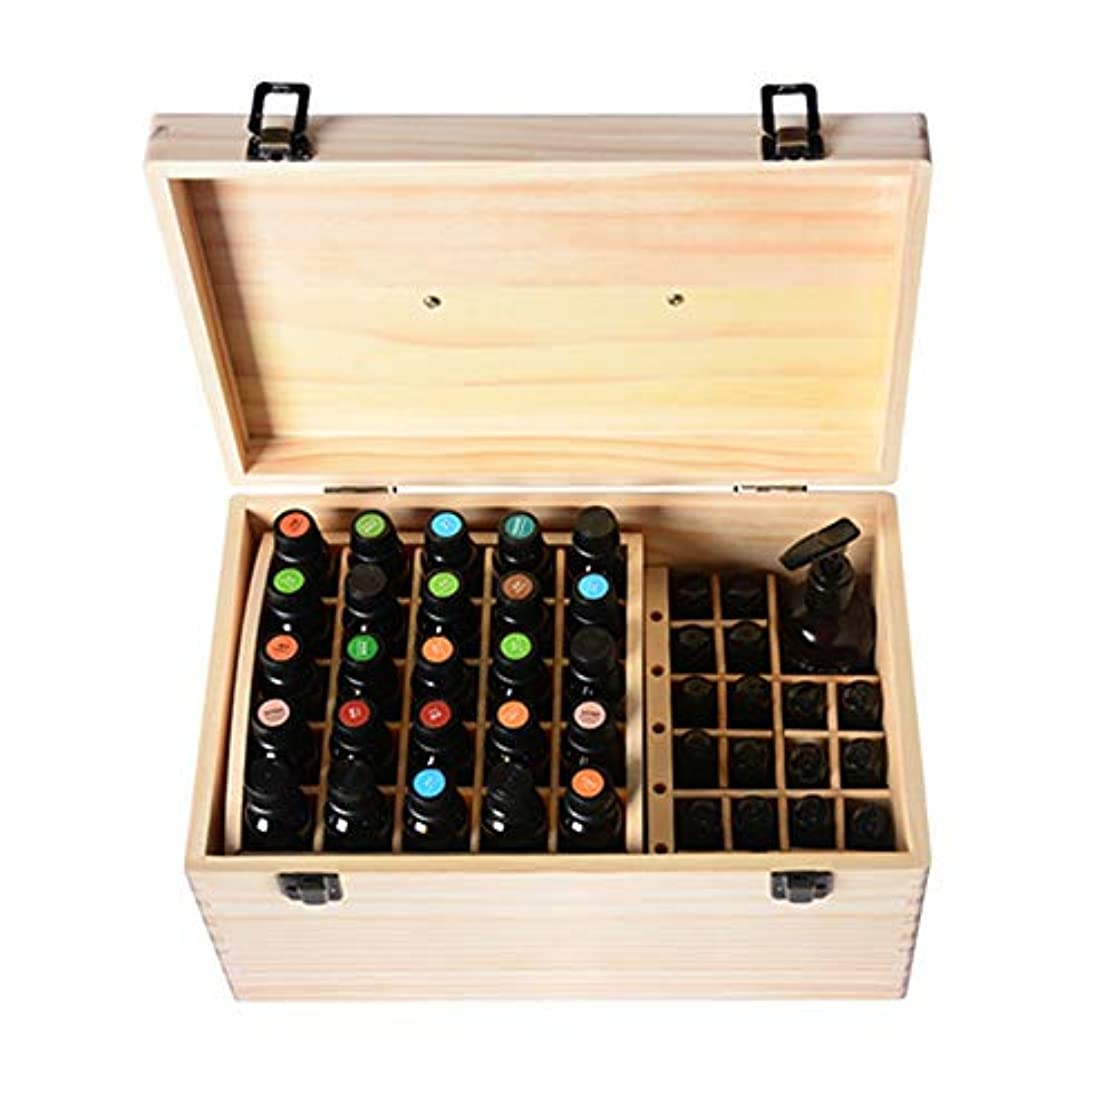 雑草ダイヤルれる74スロット木エッセンシャルオイルボックス収納ケース内部のリムーバブルは15/10 M1のボトルナチュラルパインを開催します アロマセラピー製品 (色 : Natural, サイズ : 35X20X16.5CM)